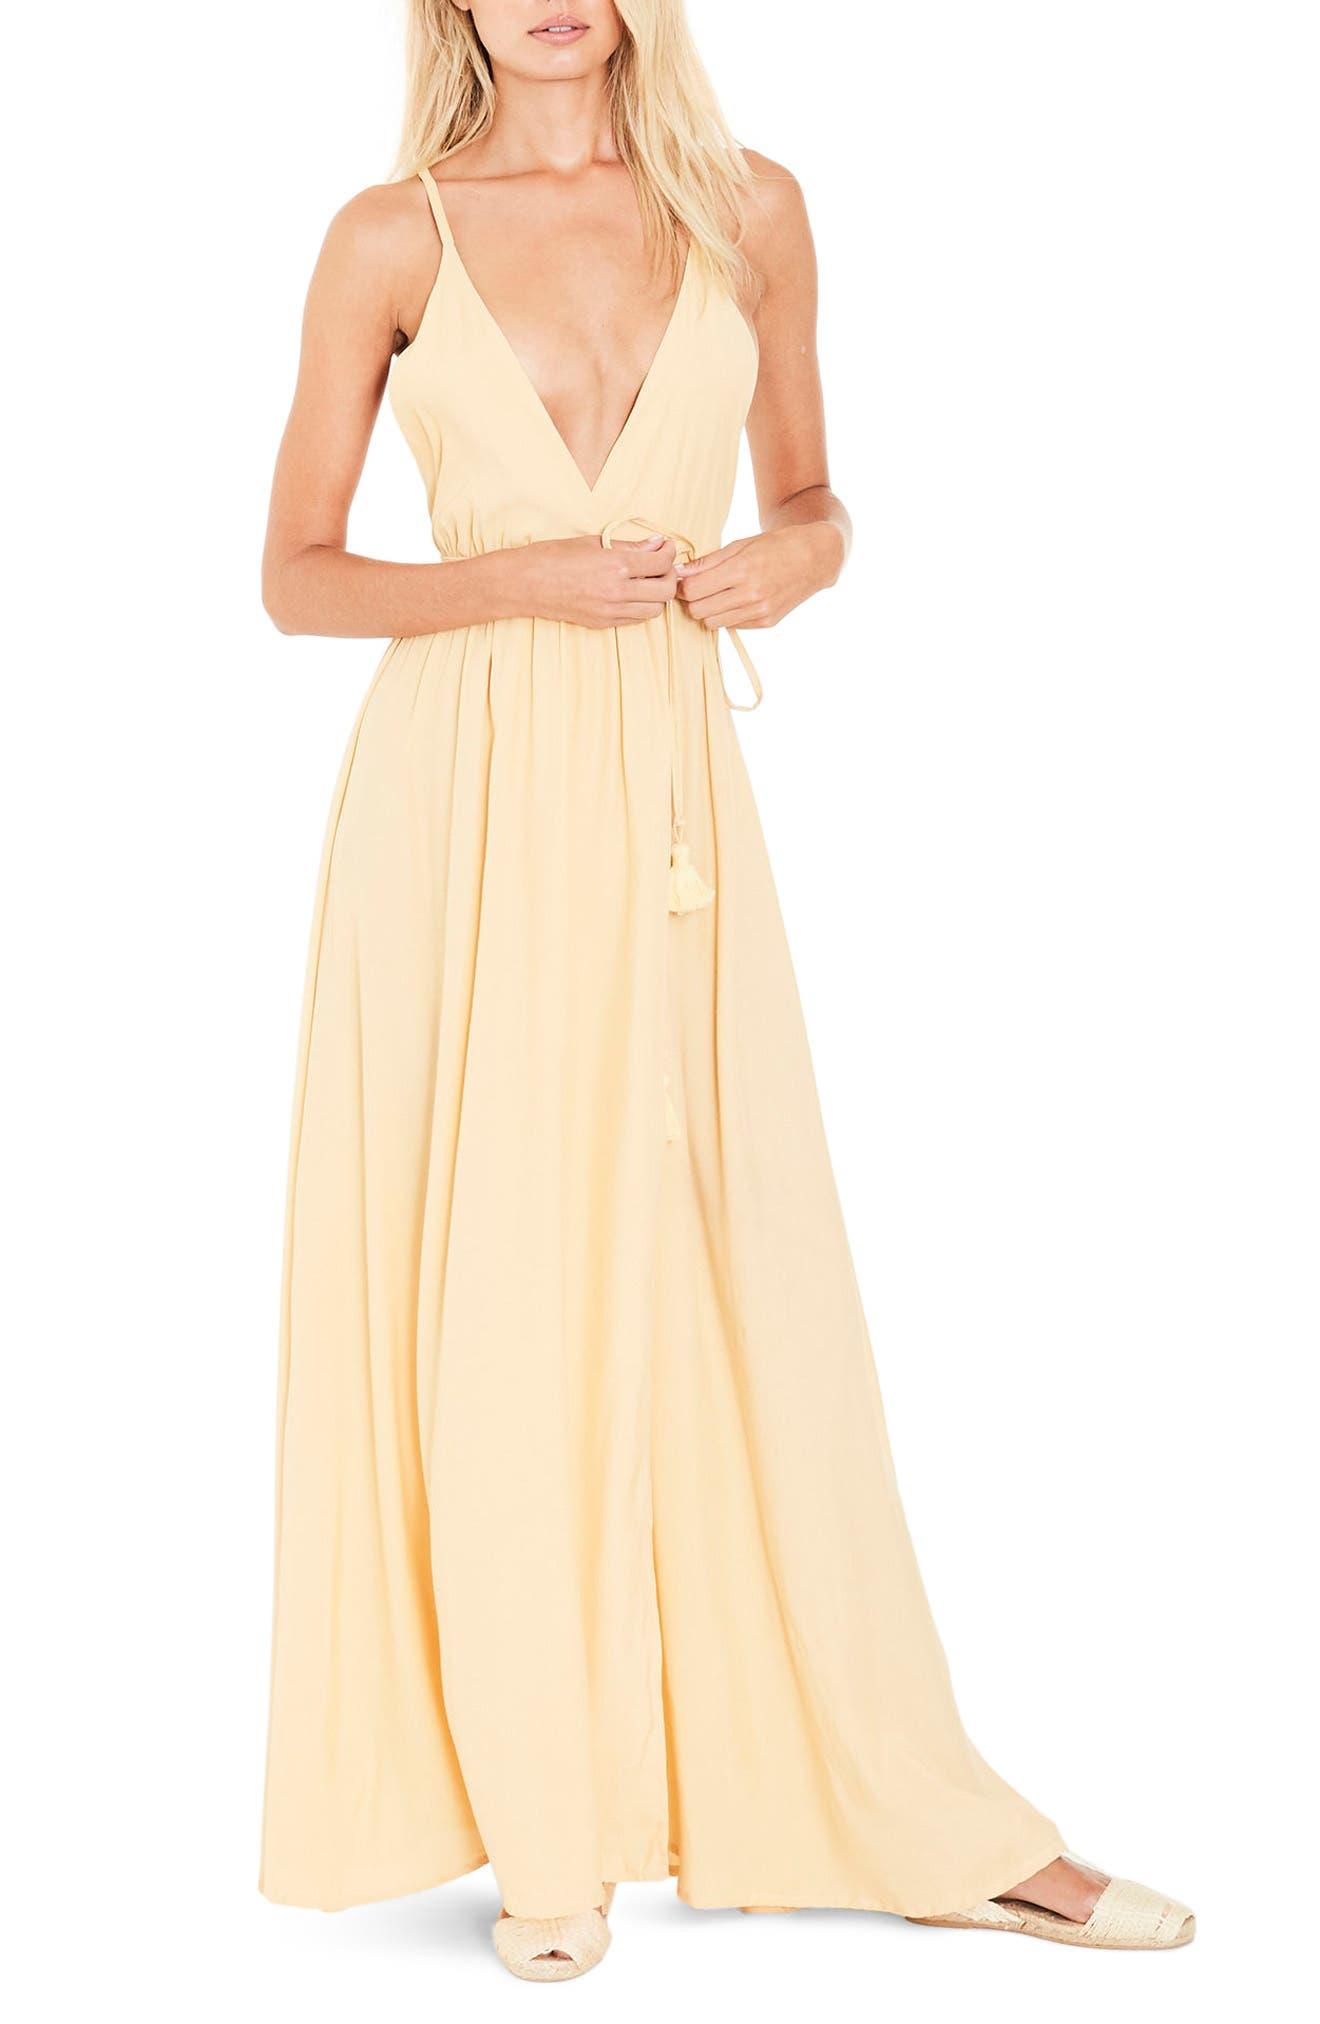 FAITHFULL THE BRAND Santa Rose Strappy Maxi Dress